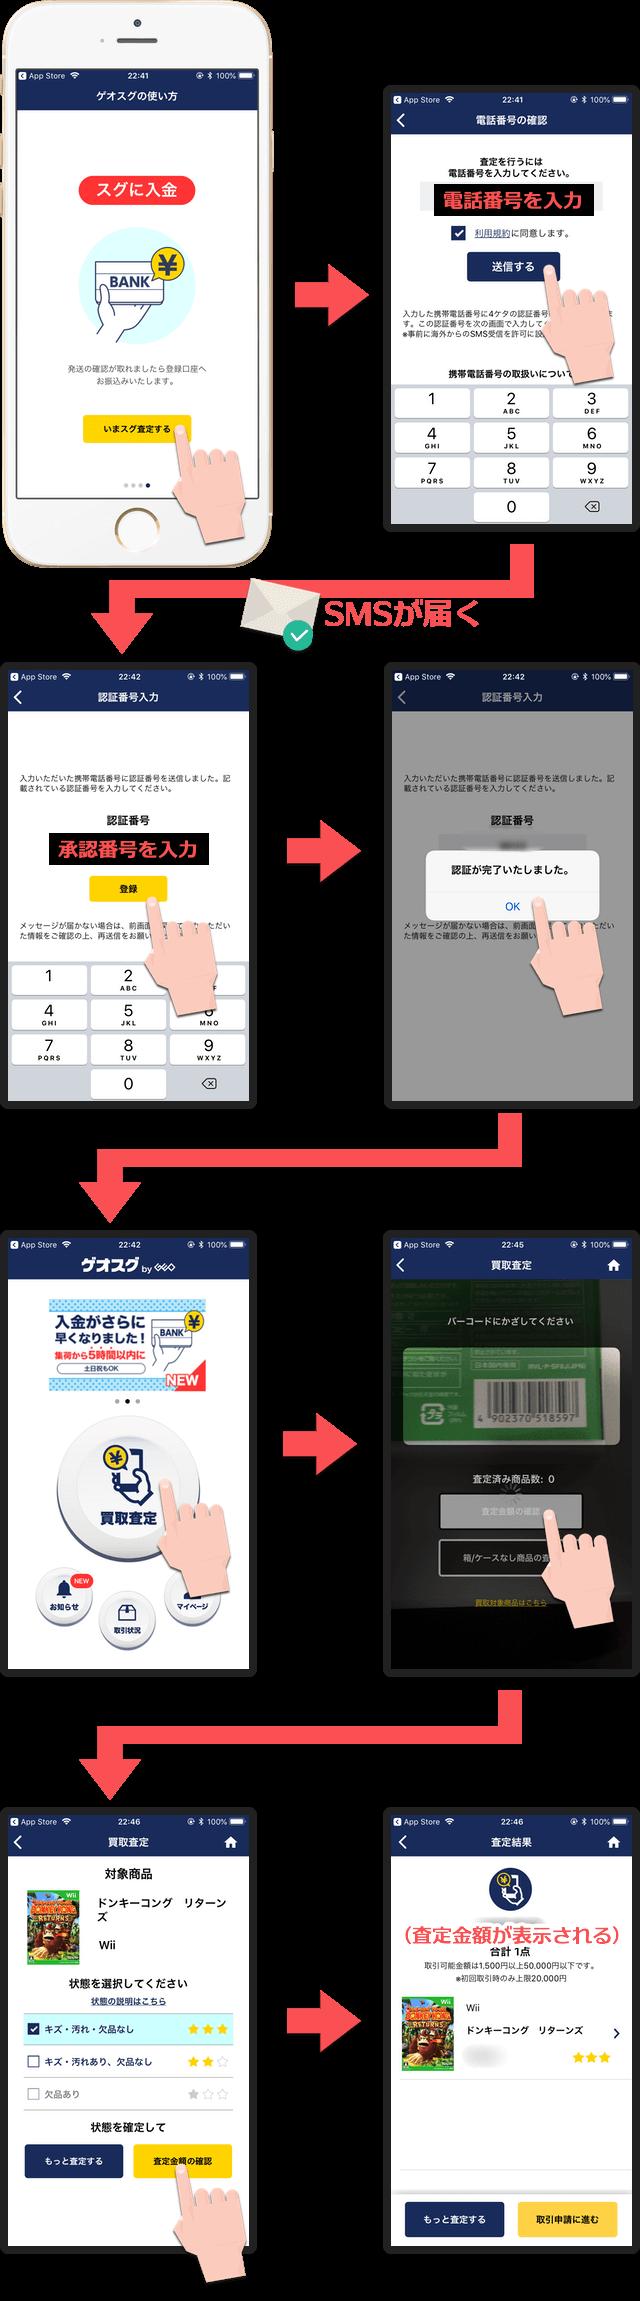 【ゲオスグ】ユーザー登録方法・使い方手順説明画像